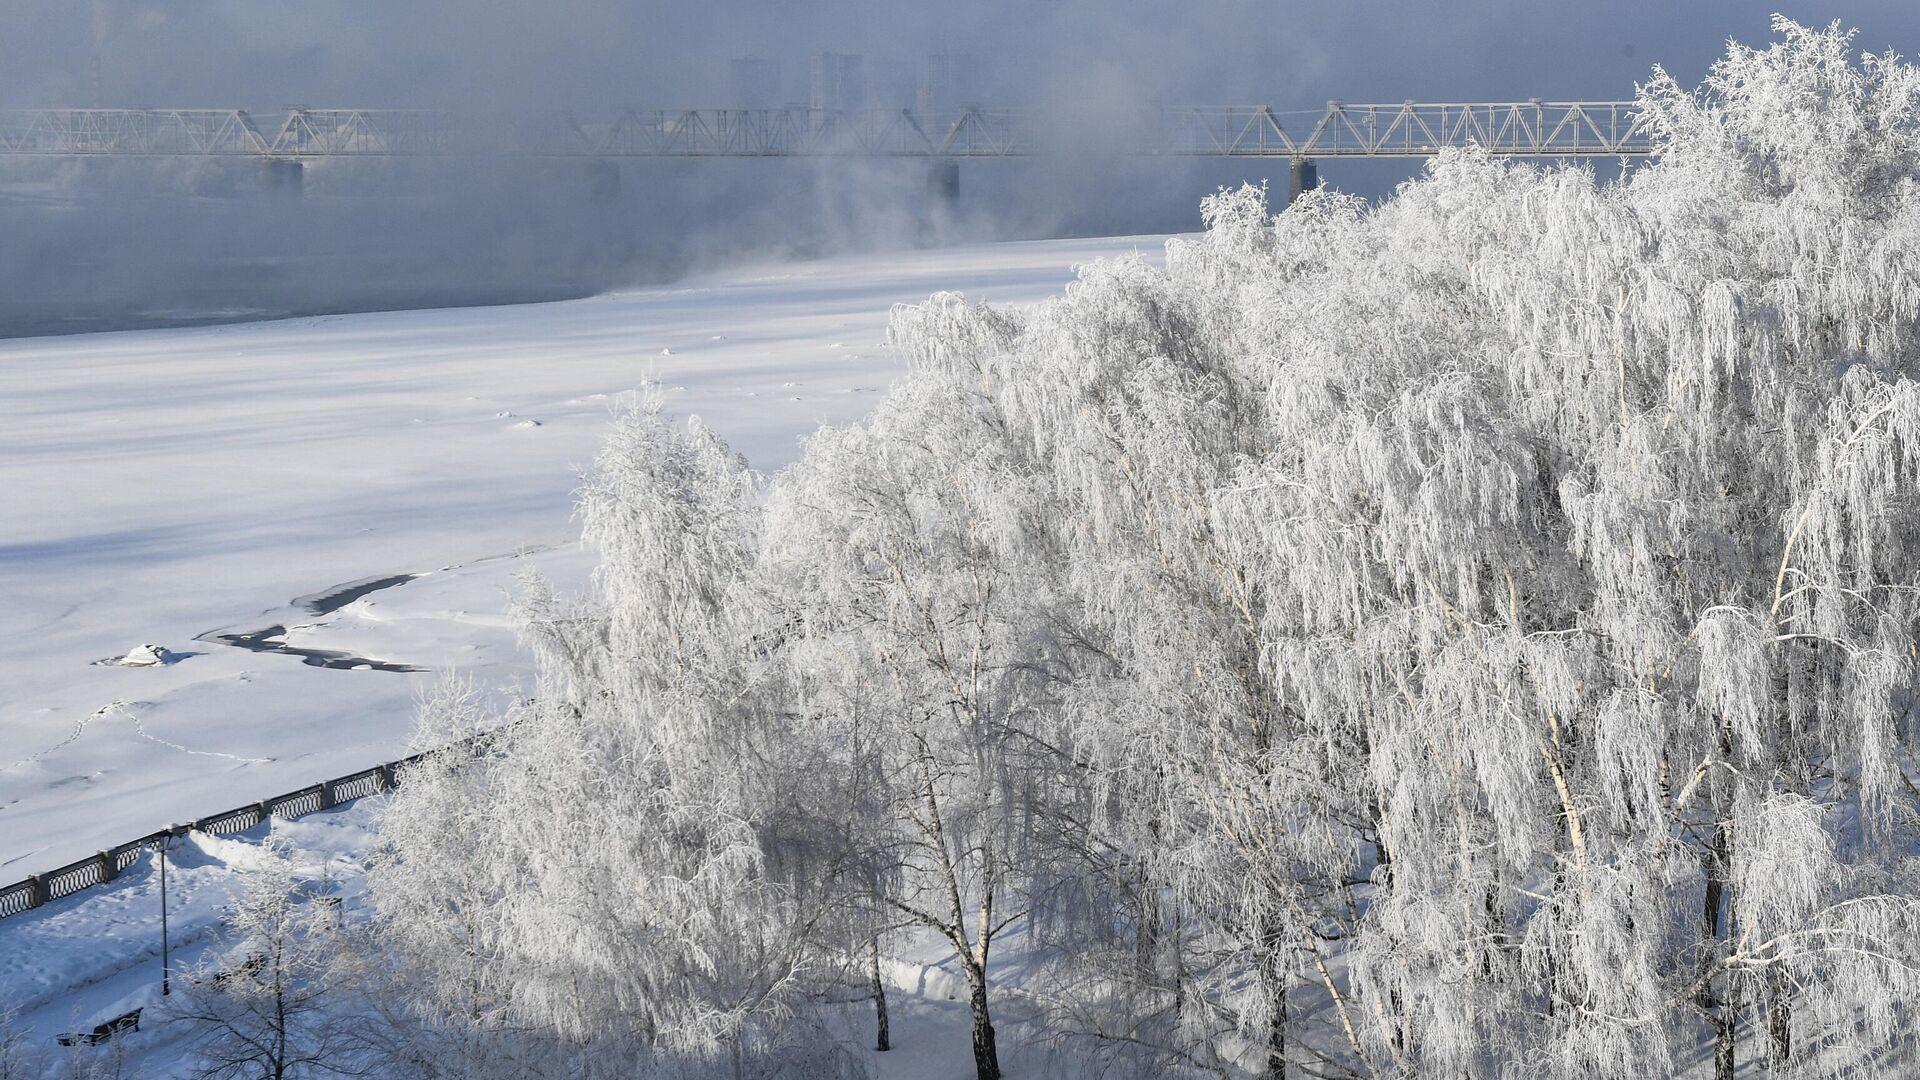 Набережная и железнодорожный мост через реку Обь в Новосибирске - РИА Новости, 1920, 30.11.2020